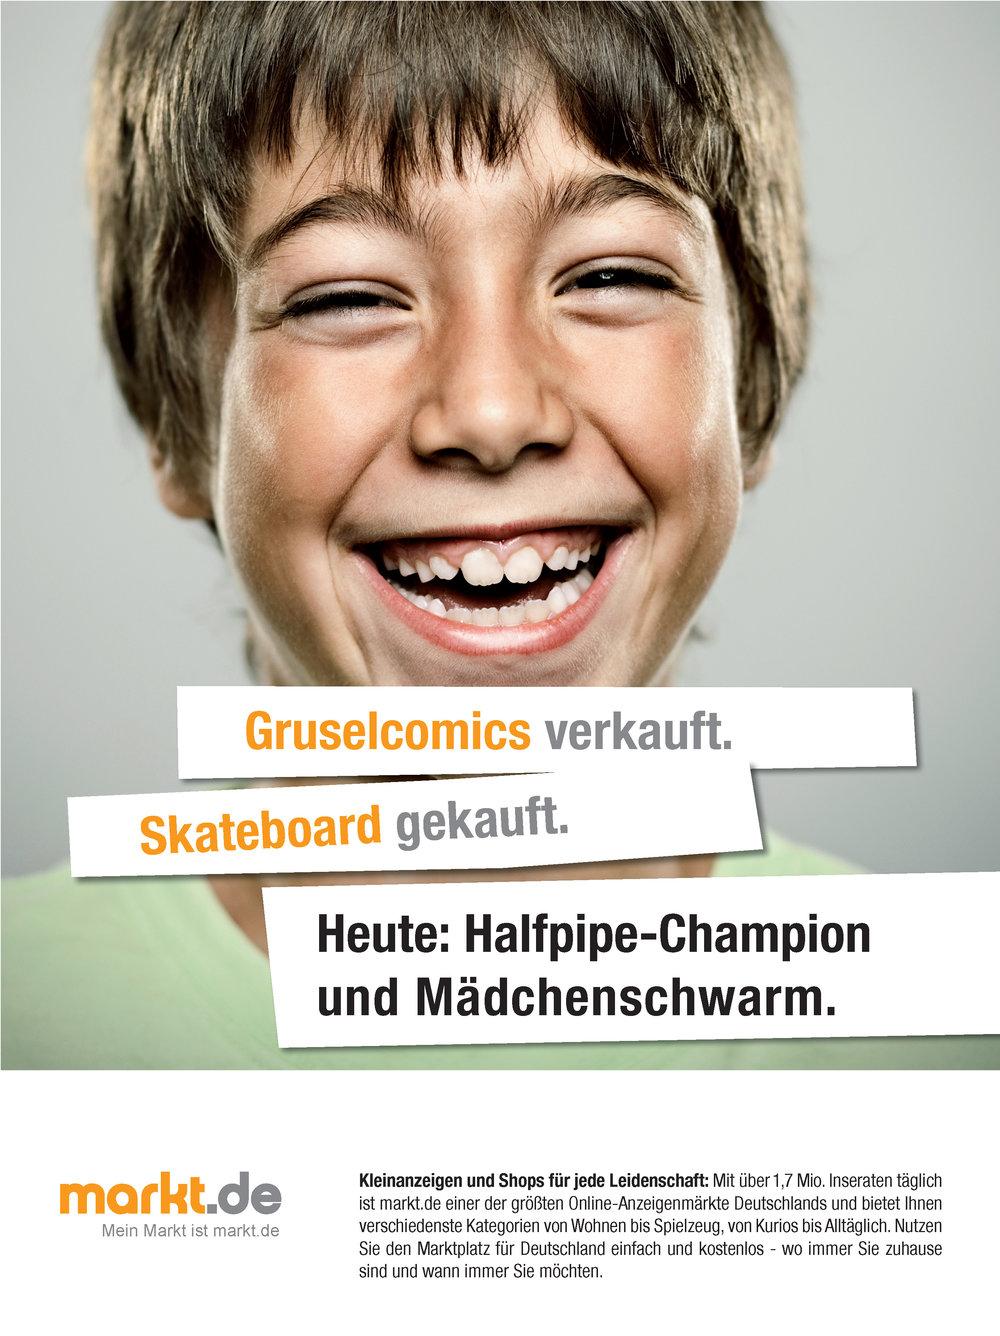 Anzeige markt.de - Halfpipe Champion und Mädchenschwarm